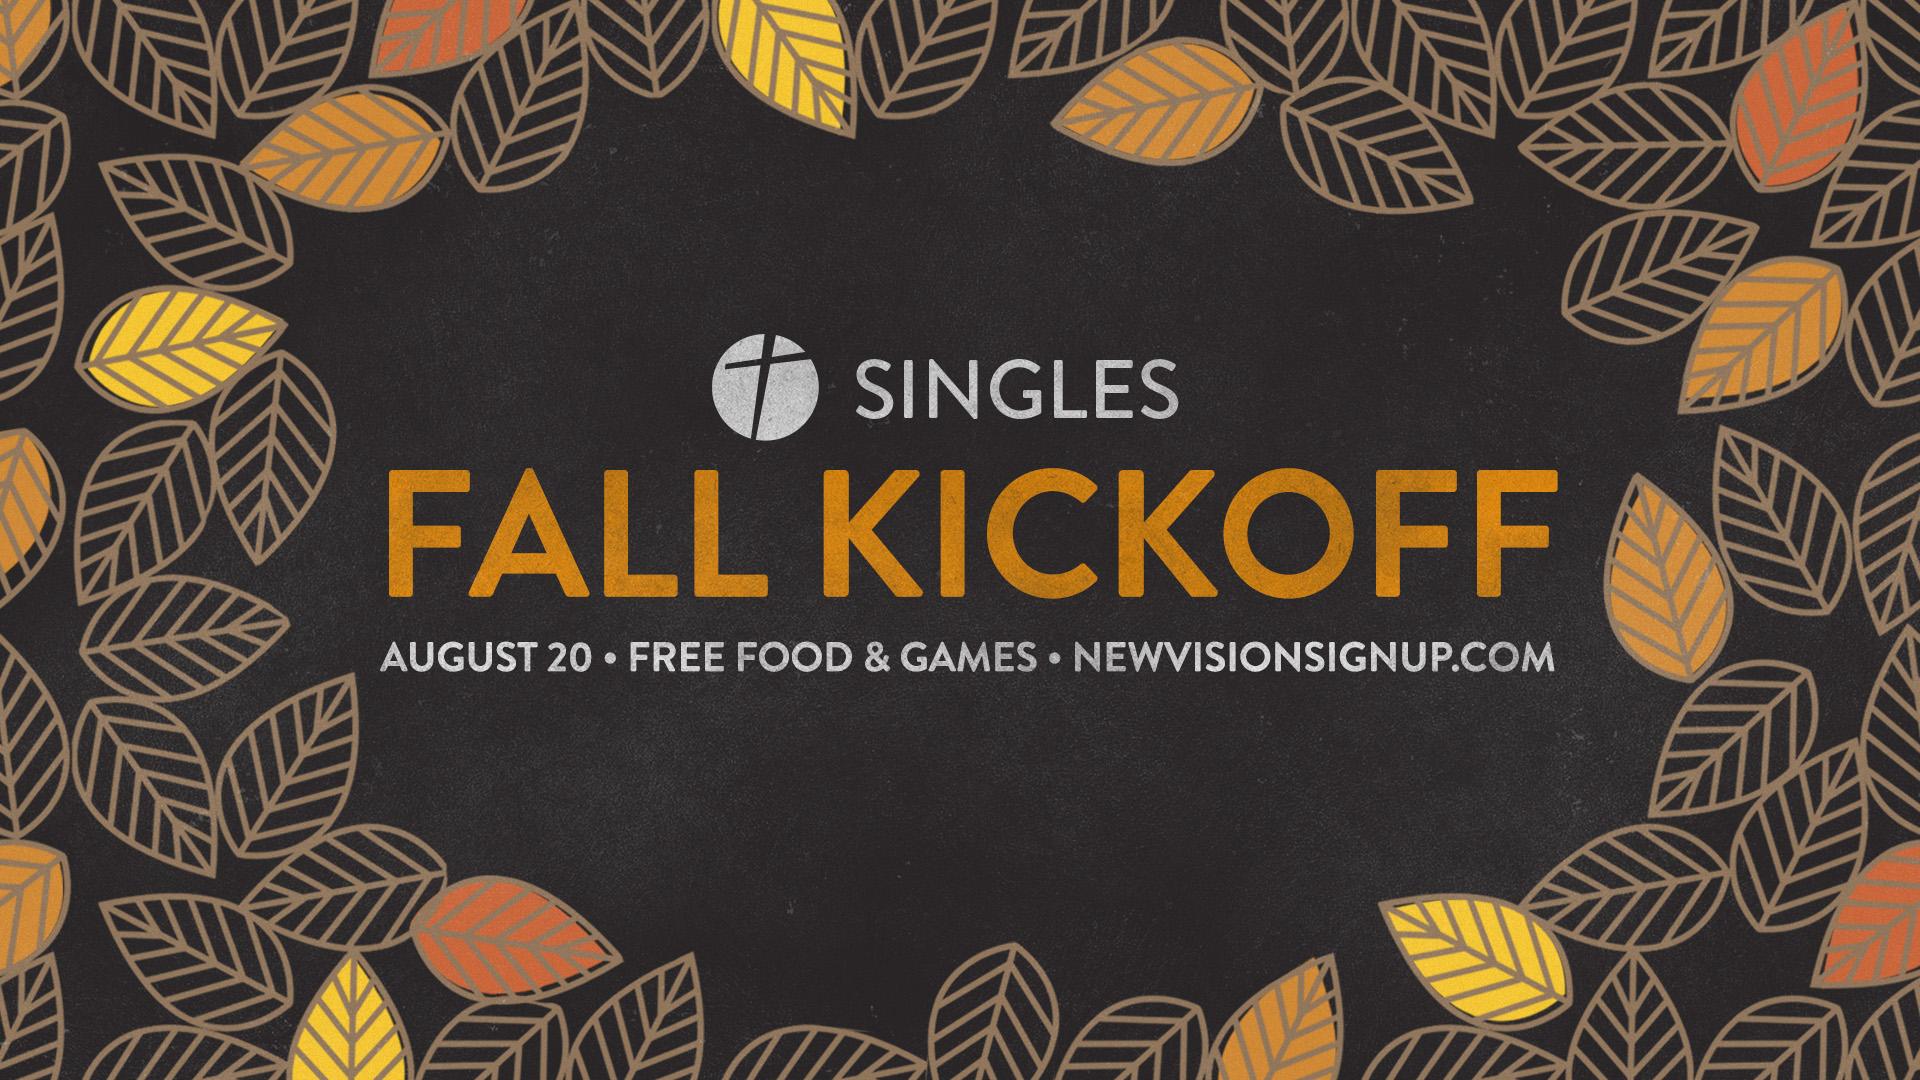 Singles fall kickoff